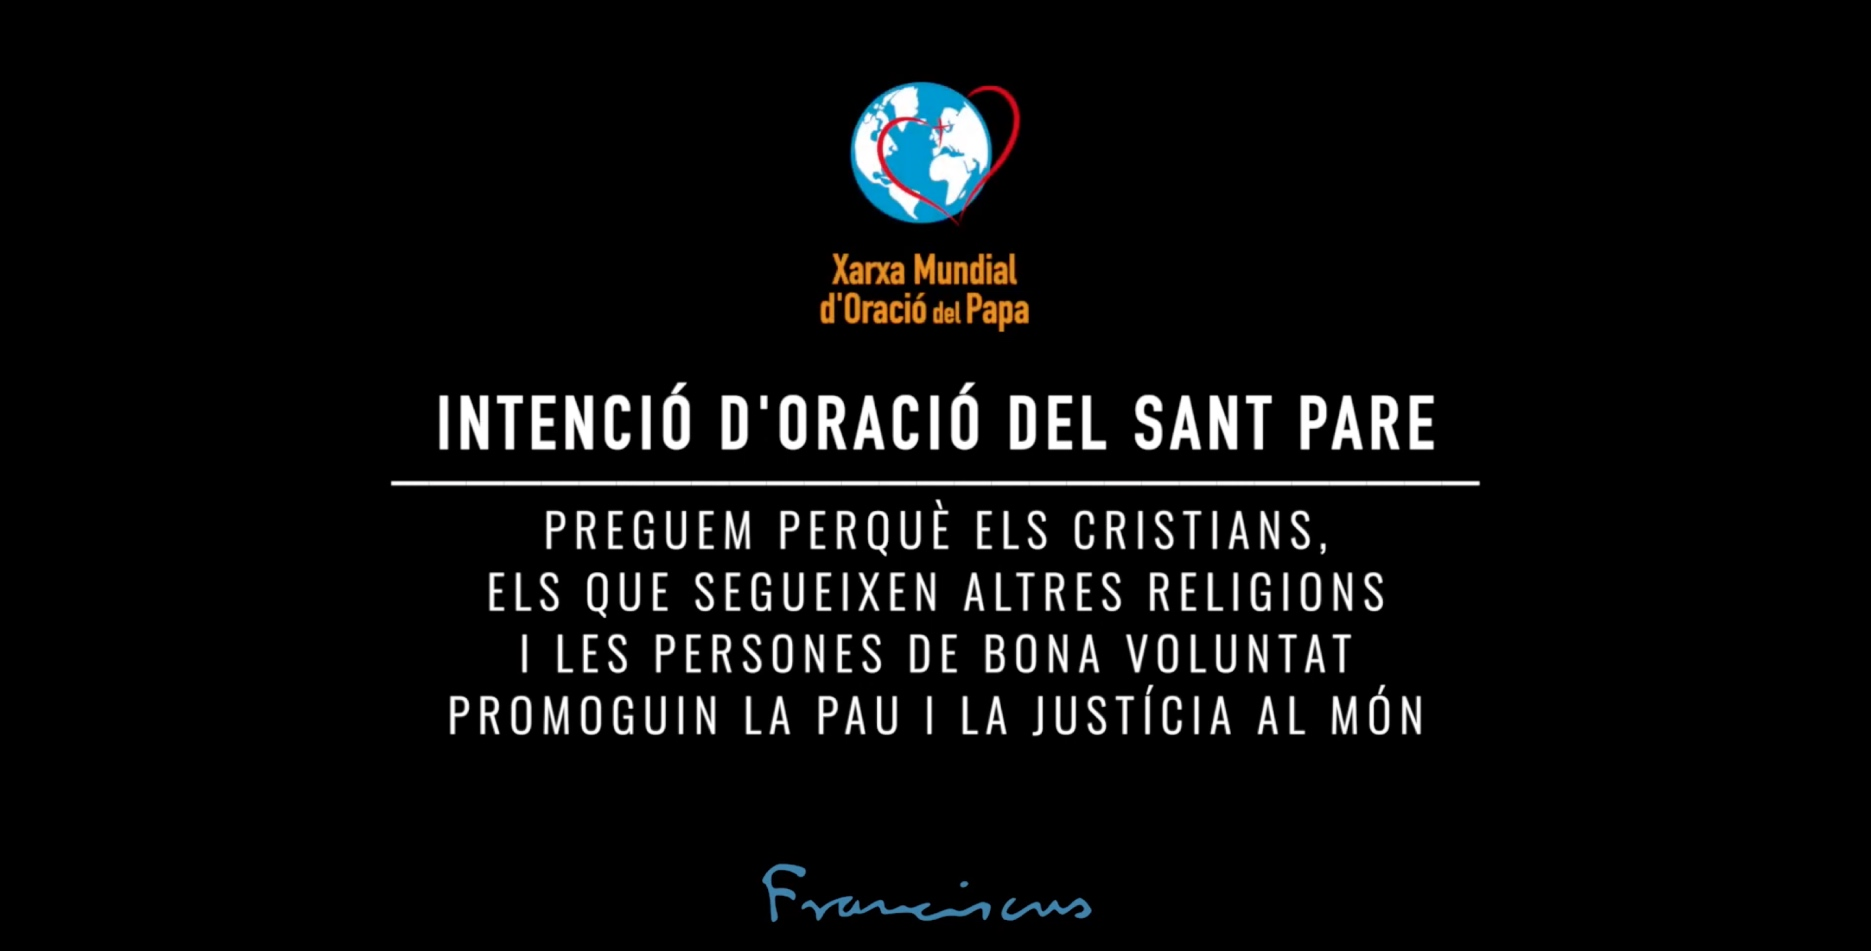 GENER | Promoció de la pau mundial